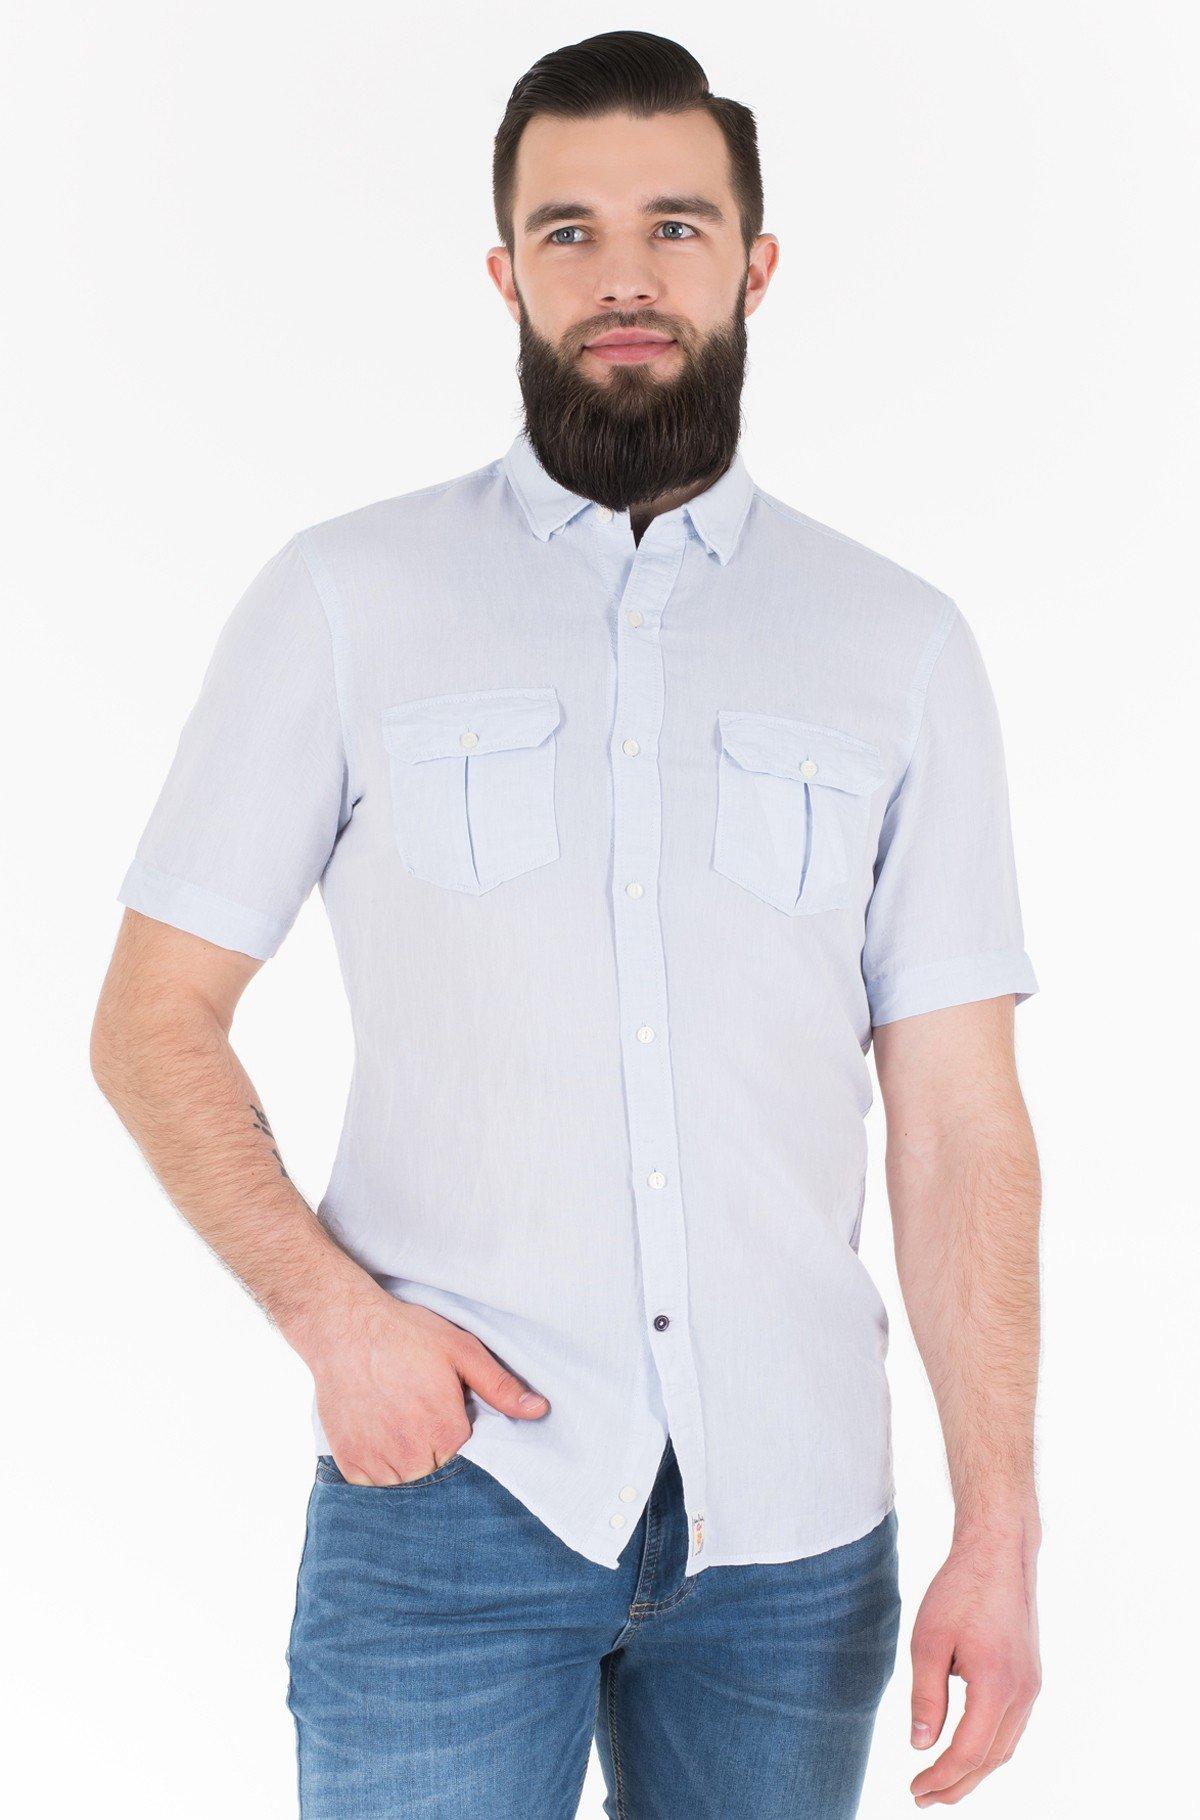 Marškiniai su trumpomis rankovėmis 53911-26731-full-1